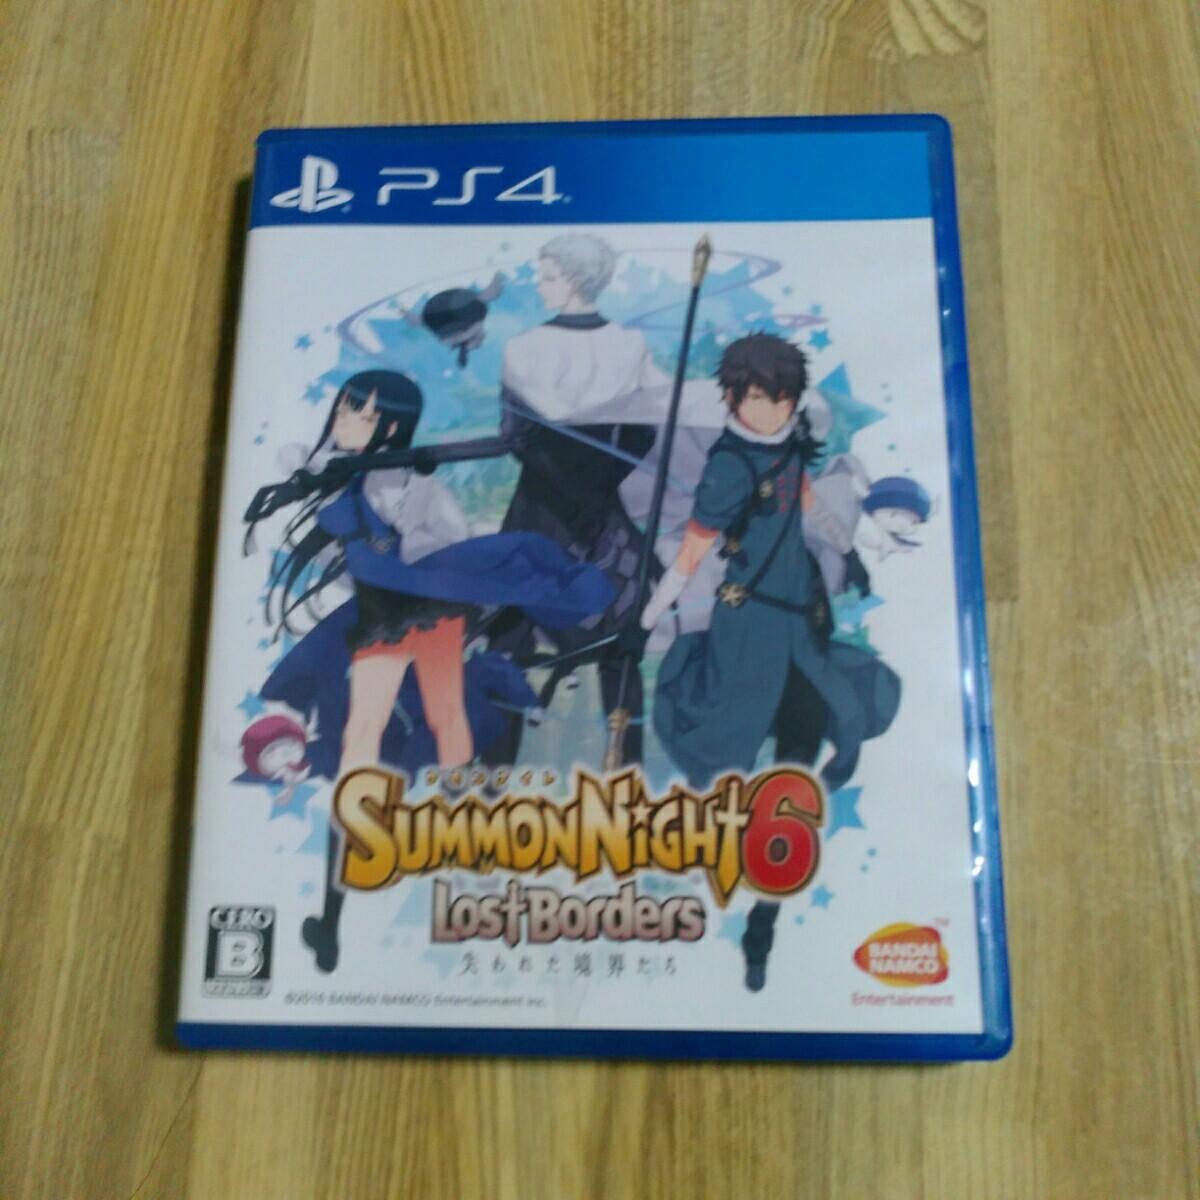 PS4 ワールドオブファイナルファンタジー サモンナイト6 二本セット スクウェアエニックス バンダイナムコ  PS4ソフト